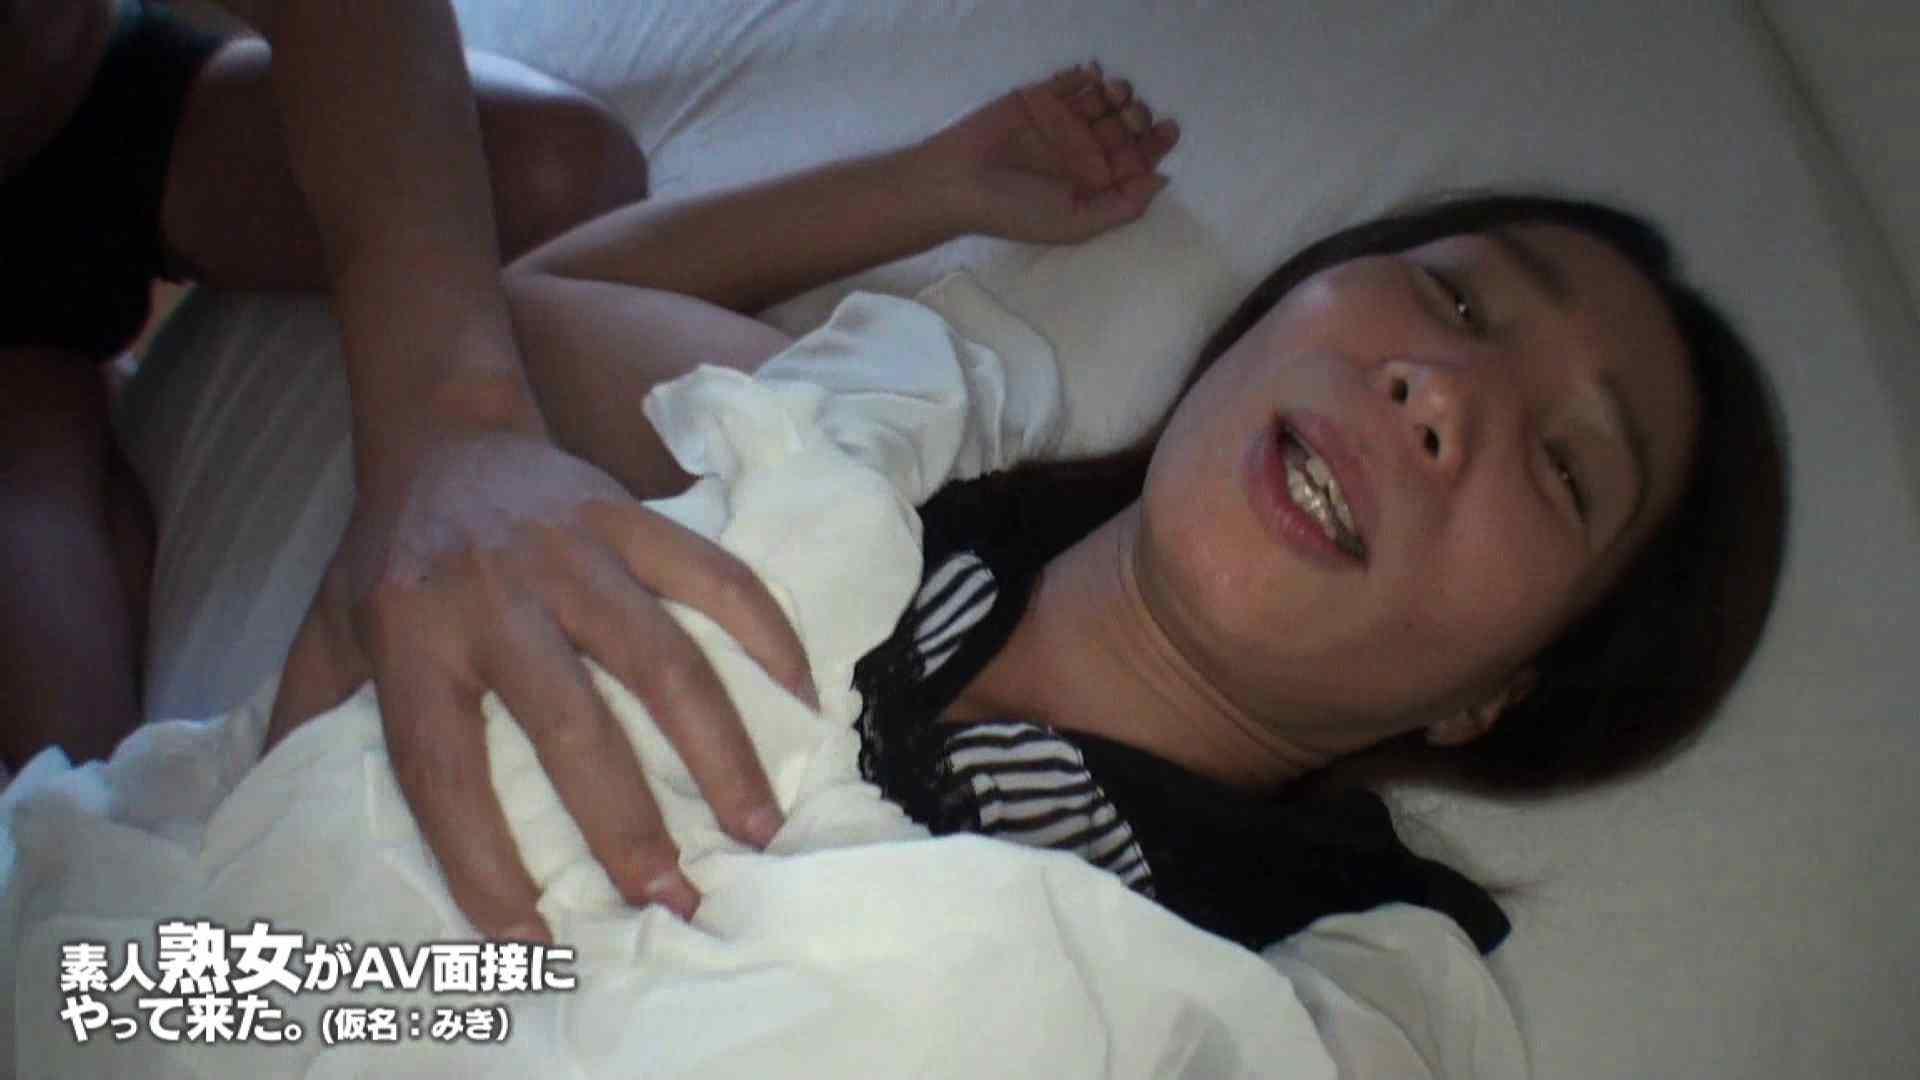 素人熟女がAV面接にやってきた (熟女)みきさんVOL.04(前編) 熟女のエッチ 性交動画流出 94pic 14